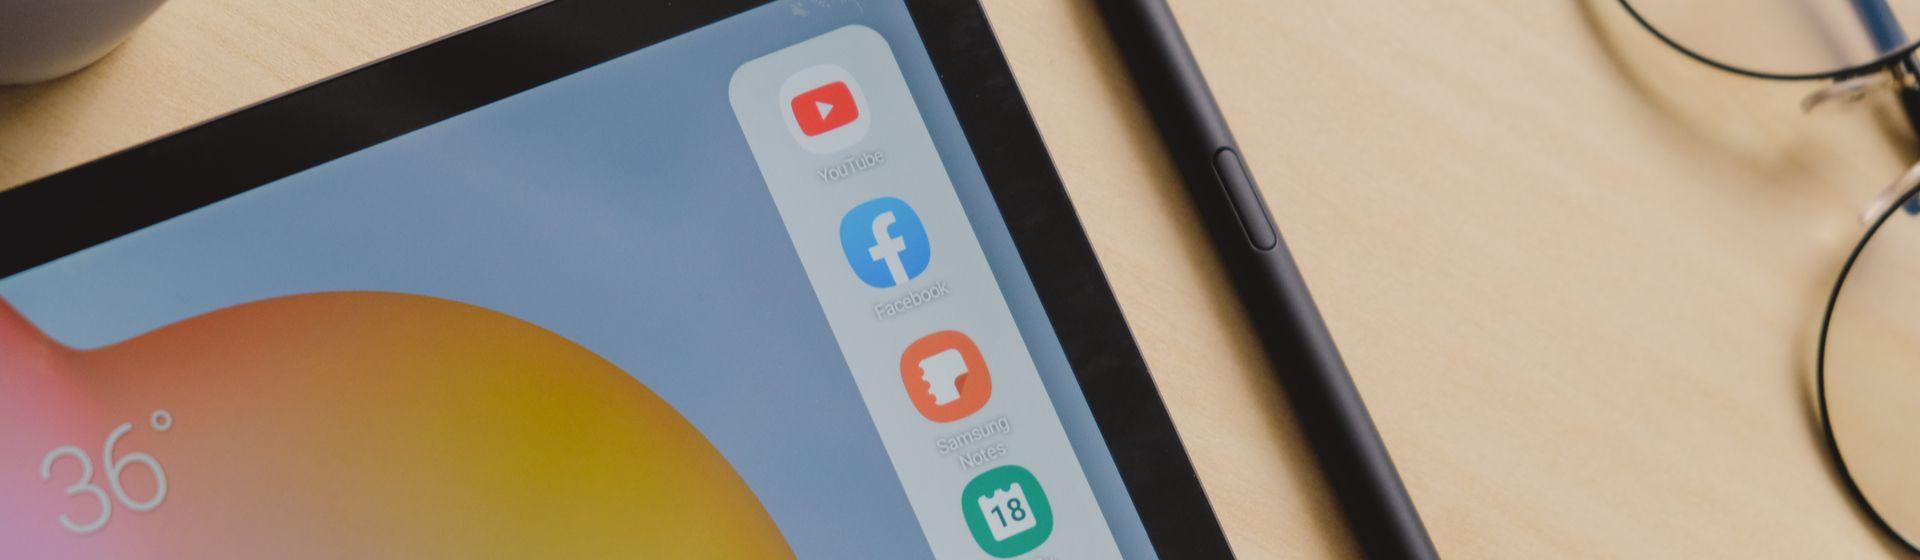 Review Galaxy Tab S6 Lite: testamos o tablet Samsung com caneta eletrônica